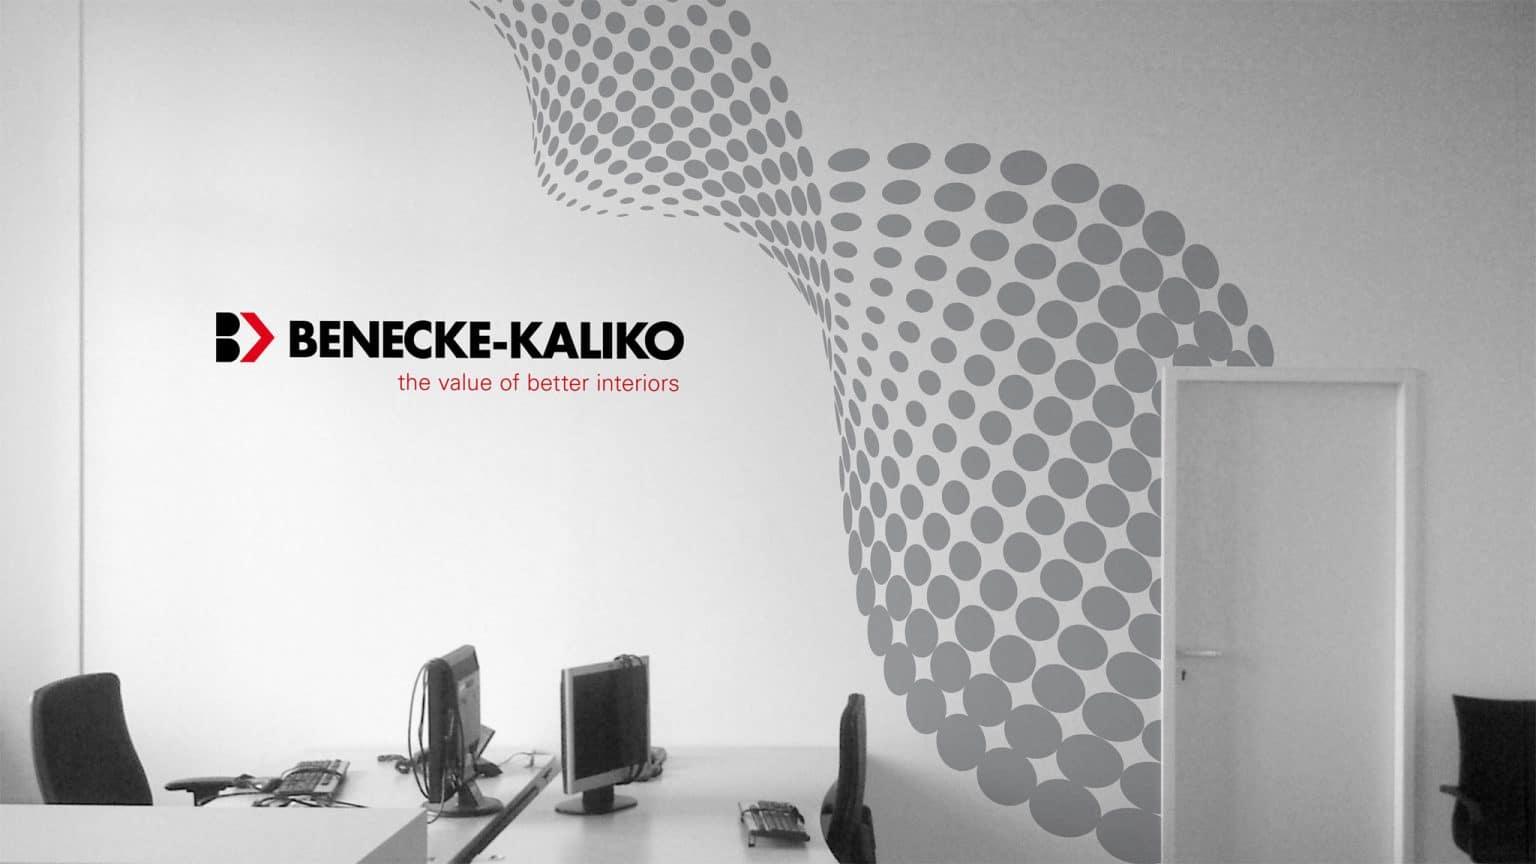 Raumgestaltung für Bencke Kaliko